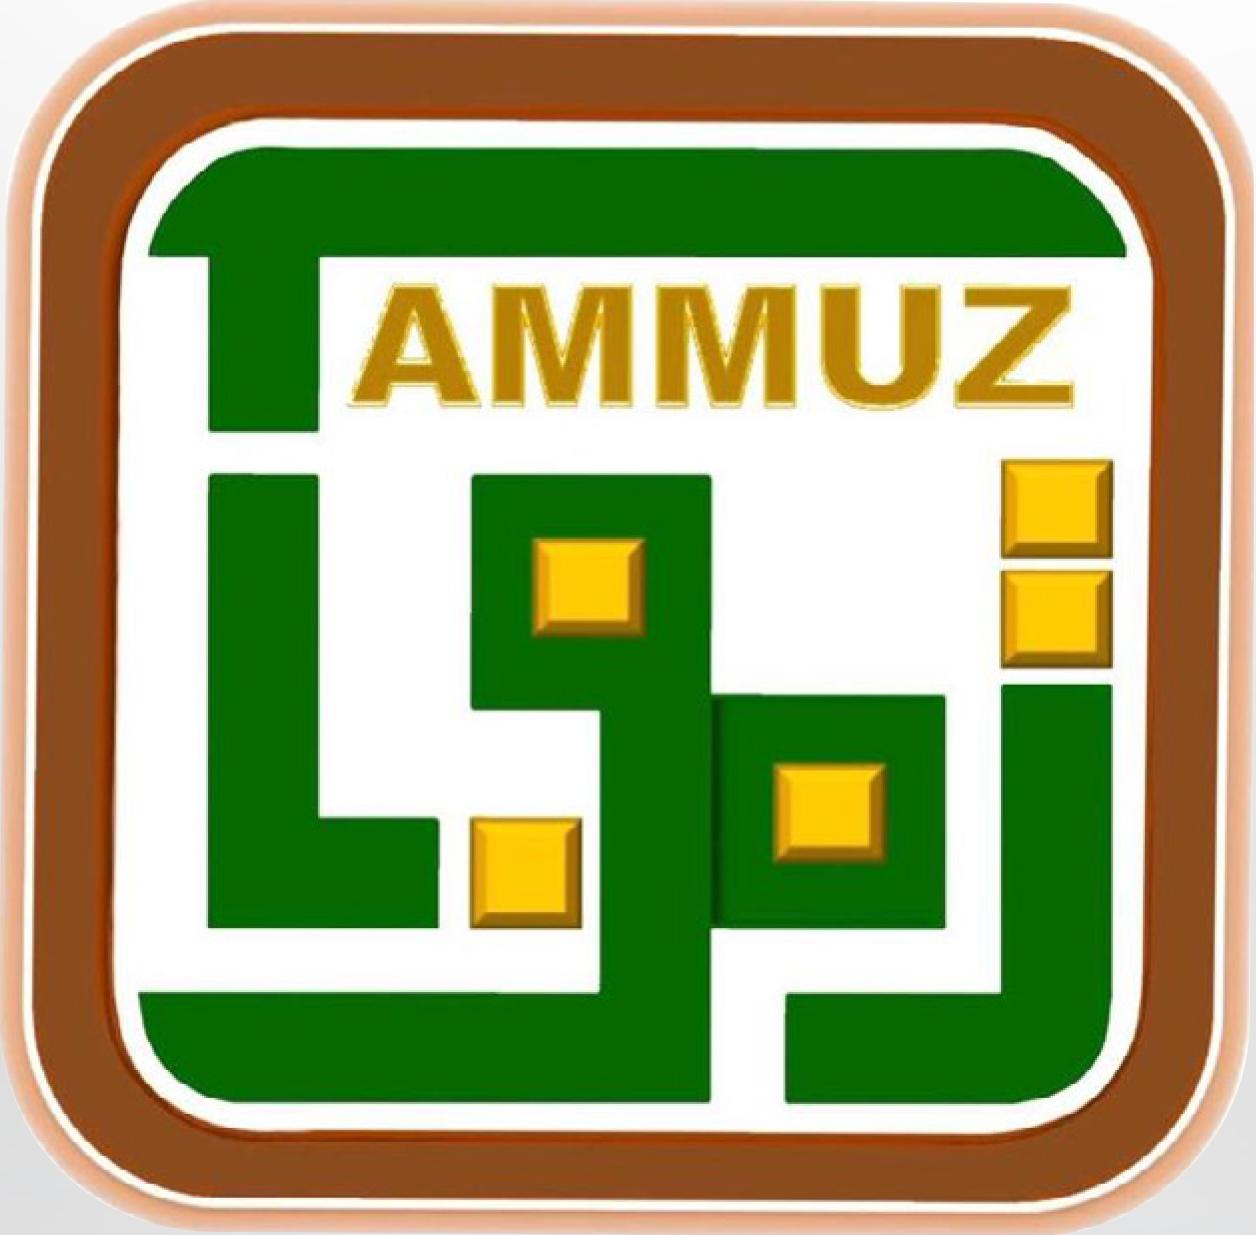 Tammuz launching the new website